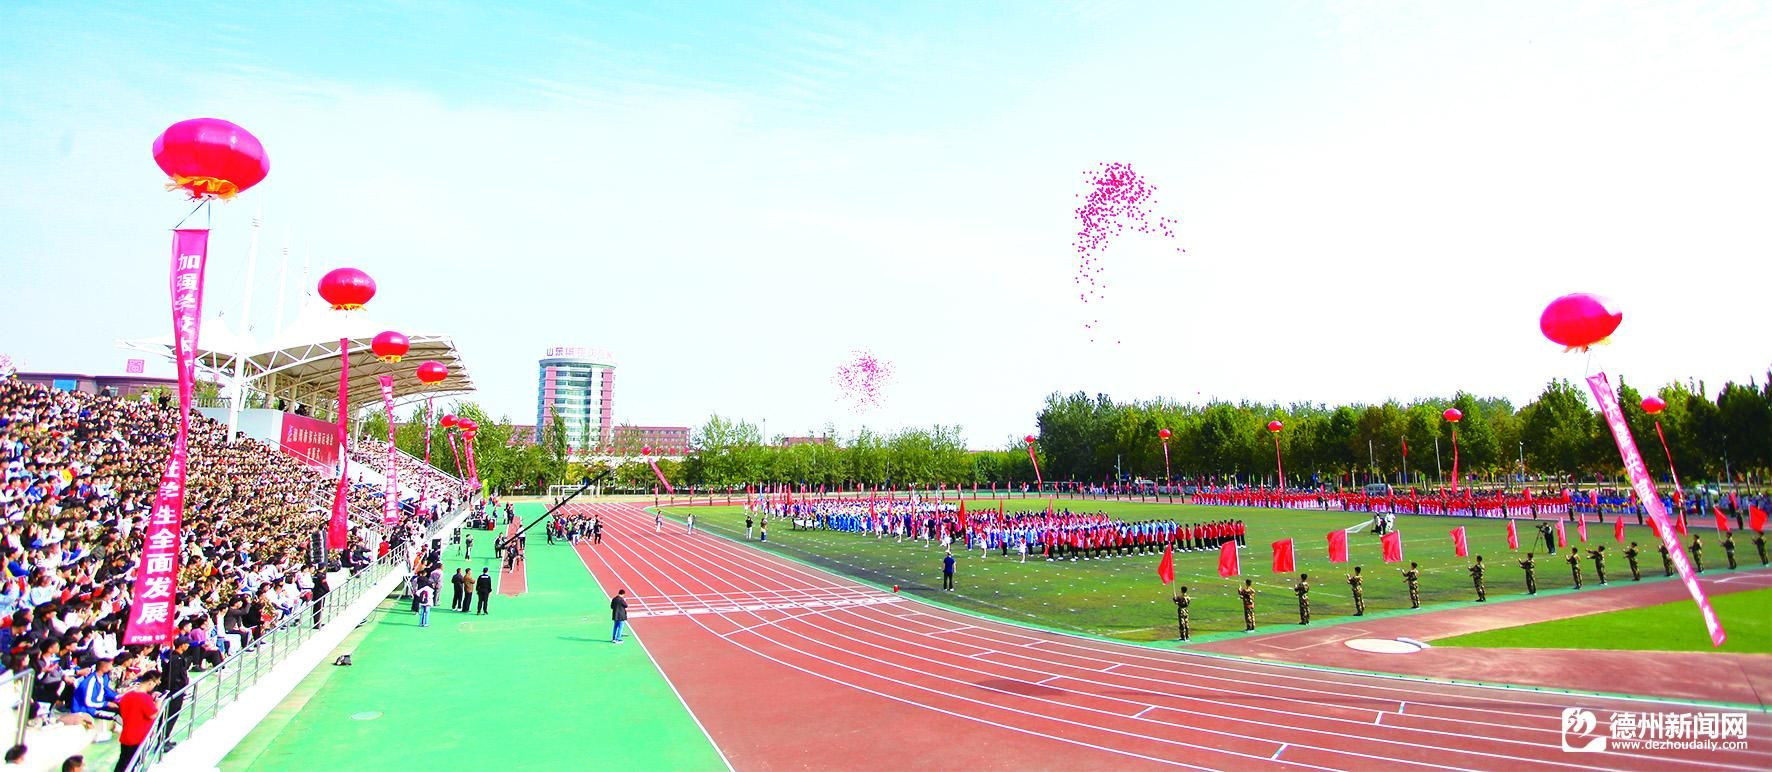 德州市第六届运动会开幕式举行